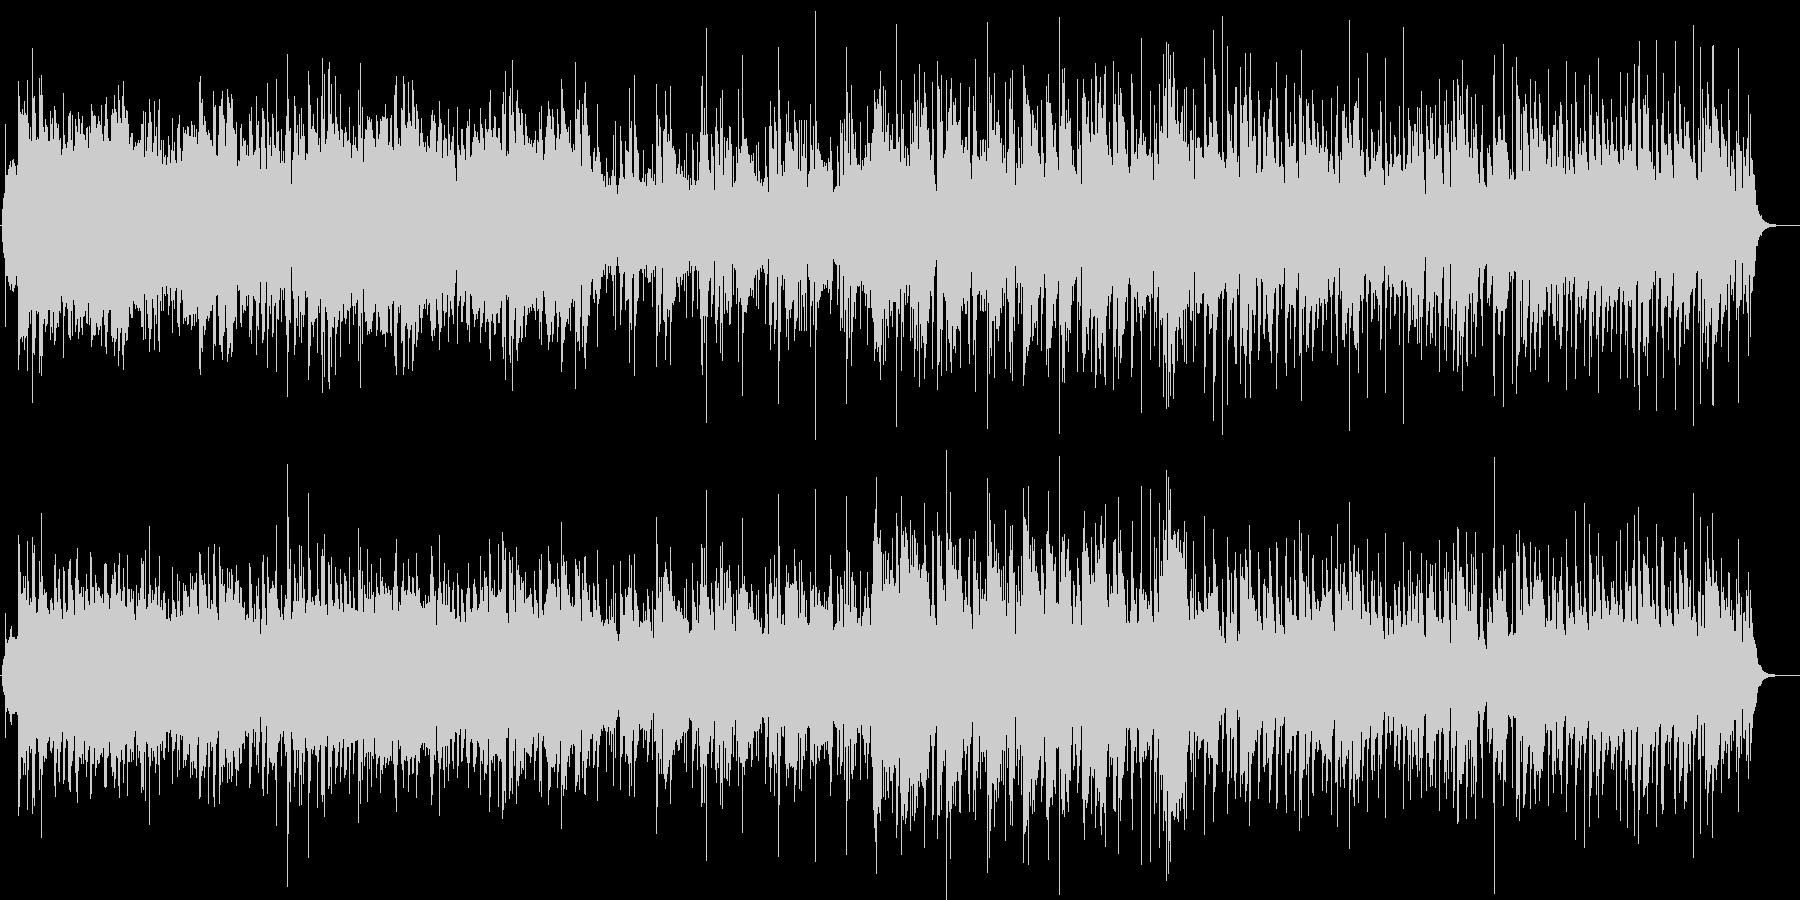 【CM・PV】明るい雰囲気の優雅な曲調の未再生の波形